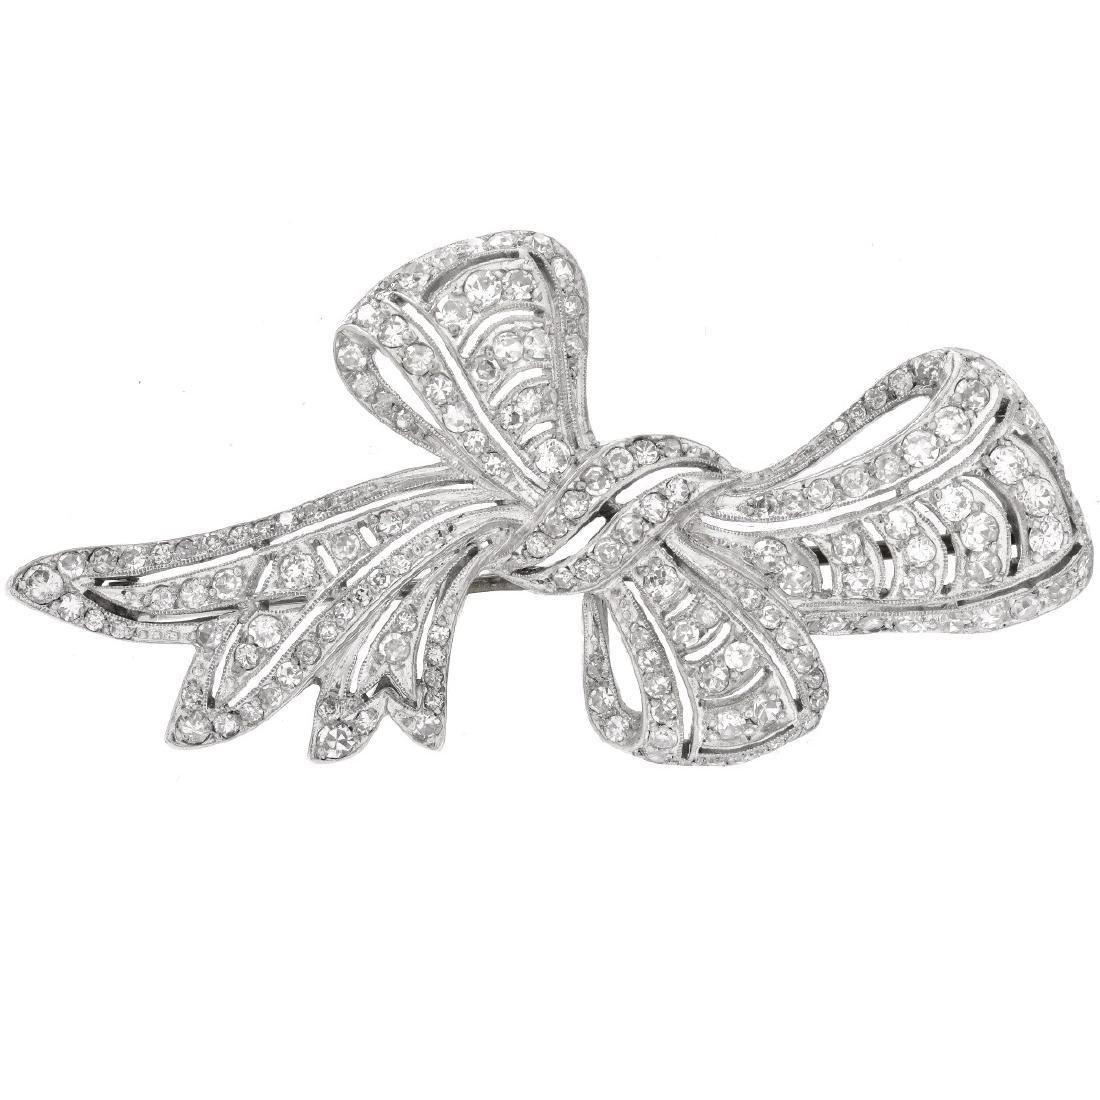 3.5ct Diamond and Platinum Brooch